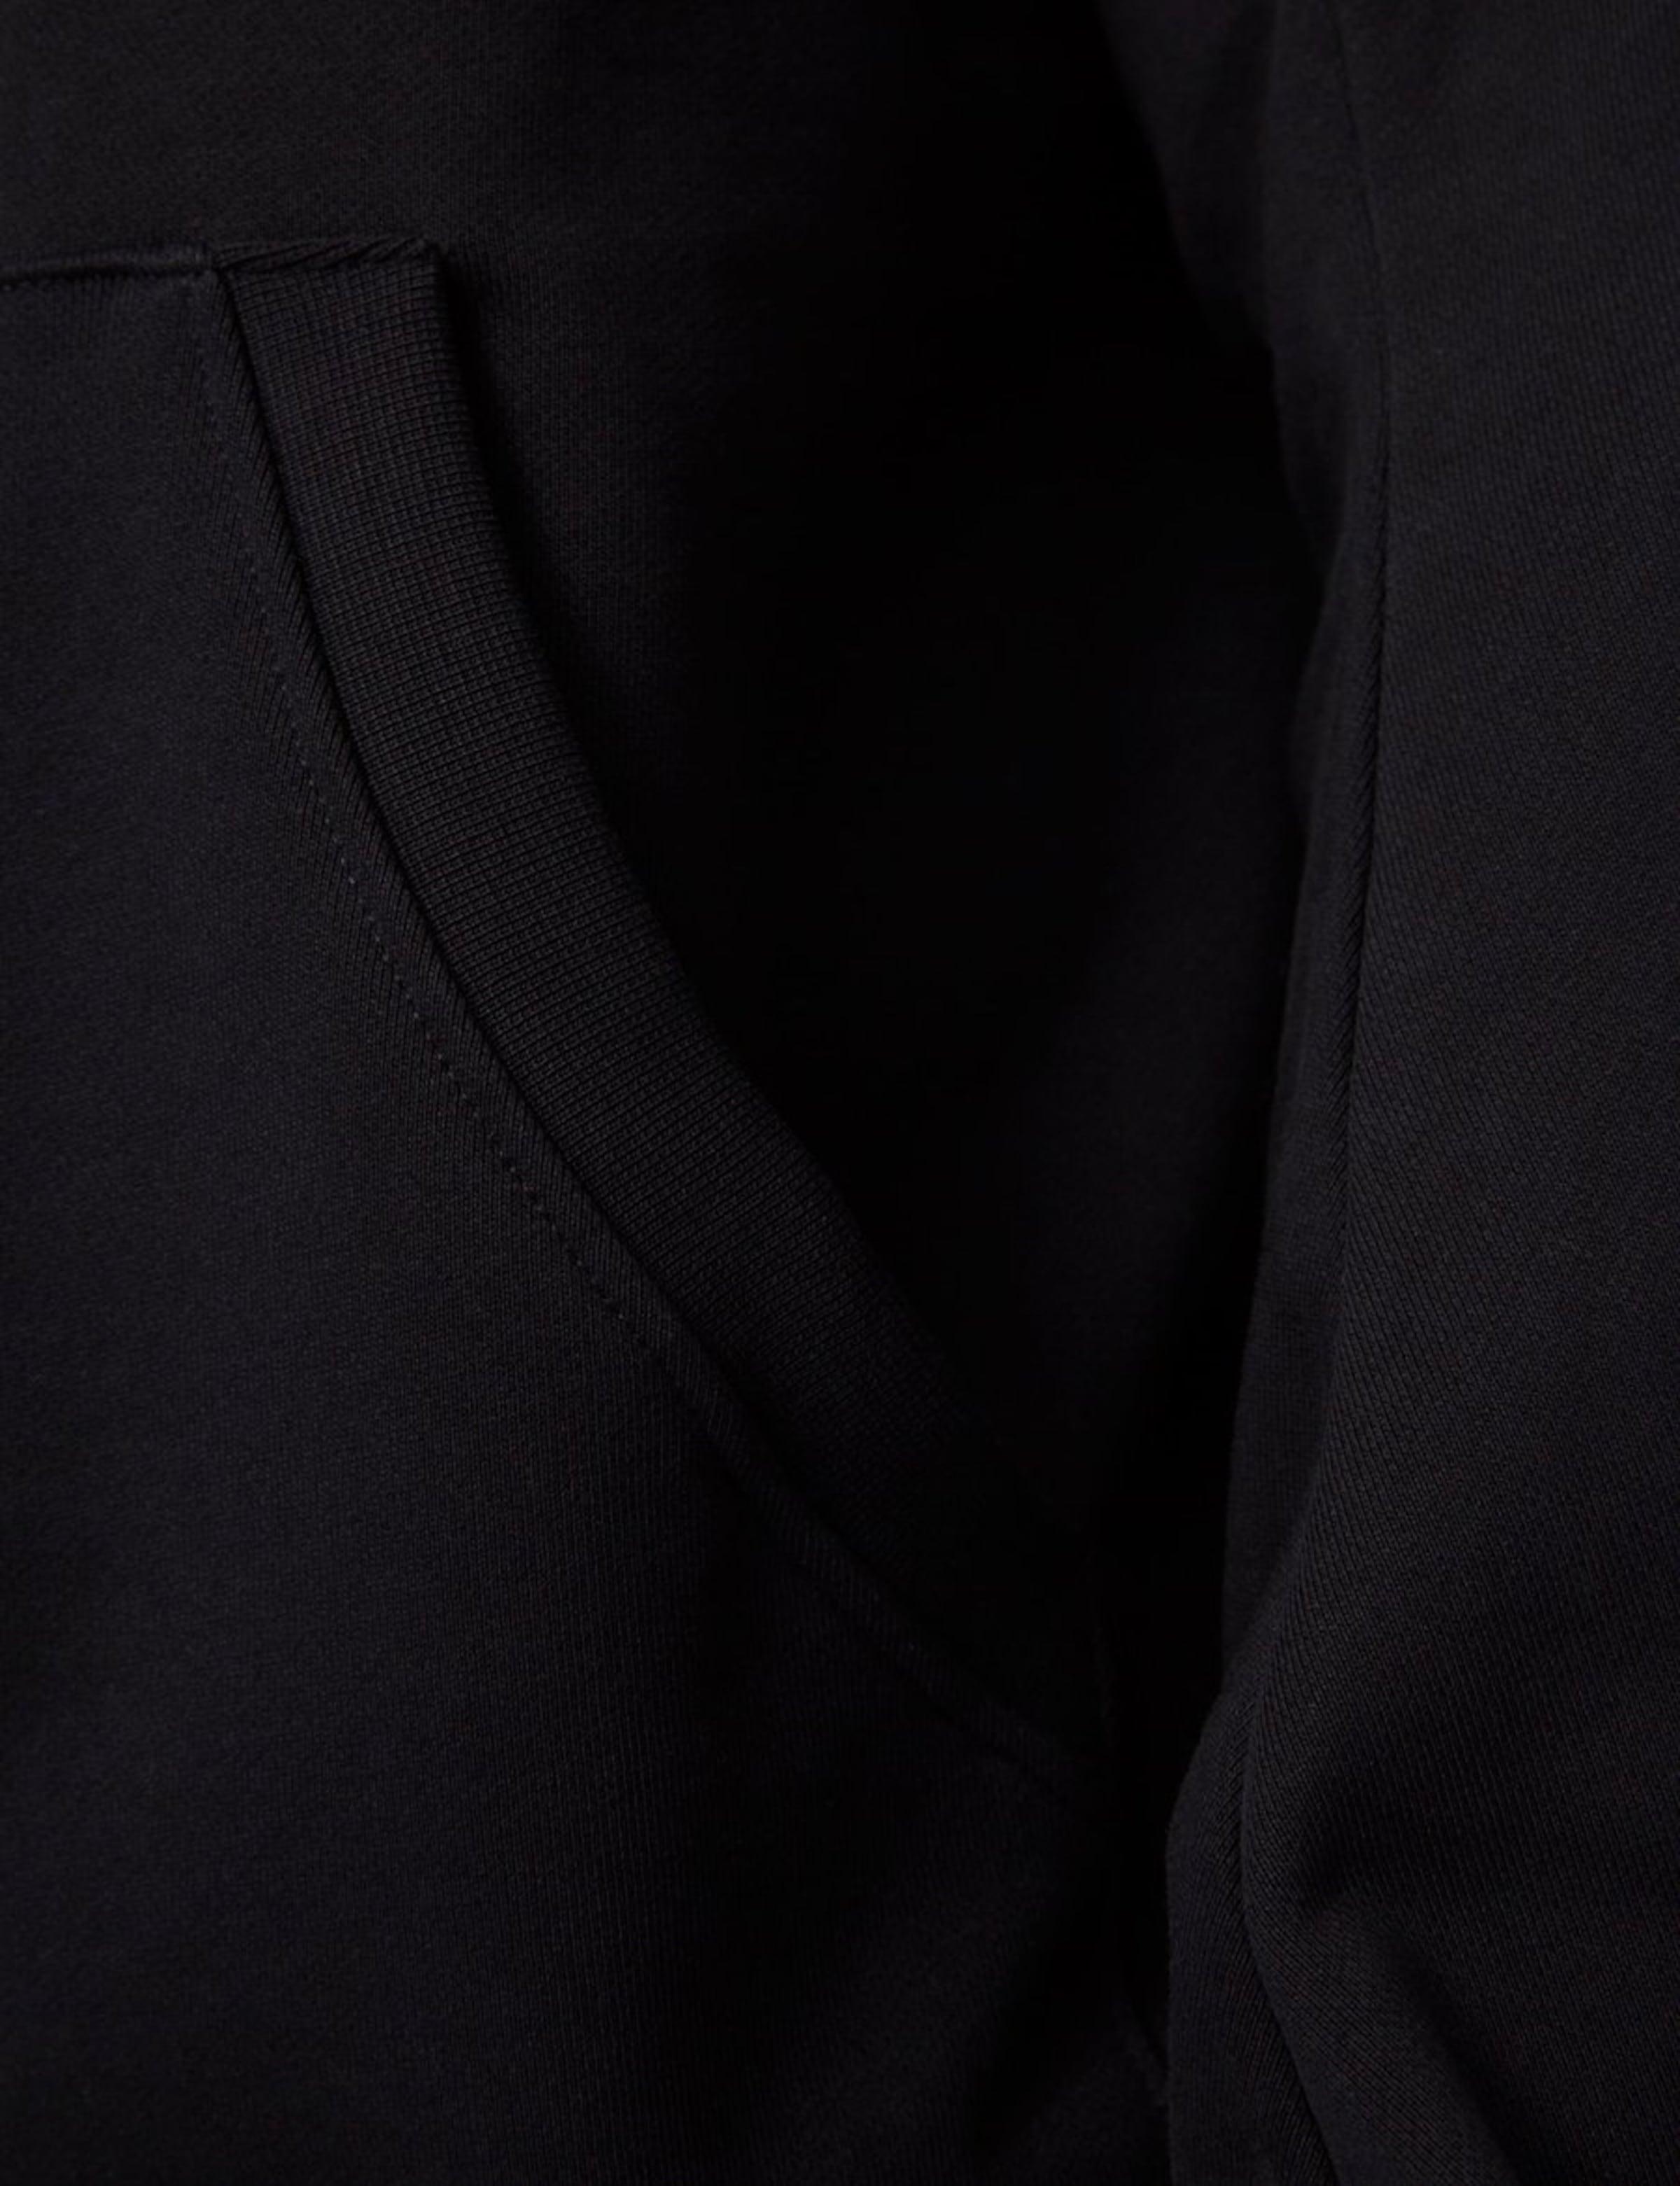 J.Lindeberg Sweatshirt Billig Sehr Billig Online Gehen Authentisch Verkauf Günstiger Preis Auslass Verkauf Websites Einkaufen Genießen MGMpCzlT